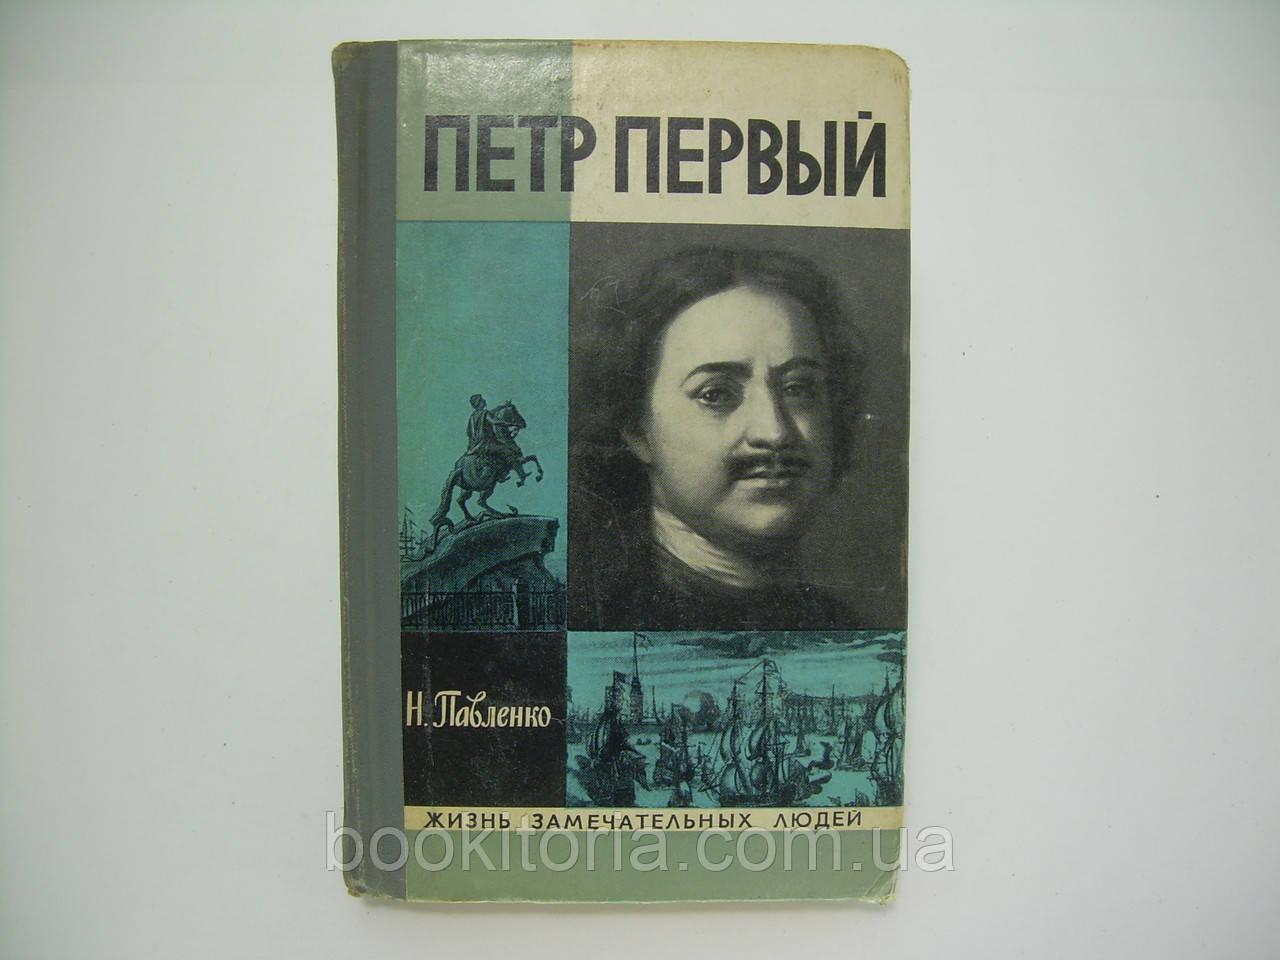 Павленко Н. Петр Первый (б/у).